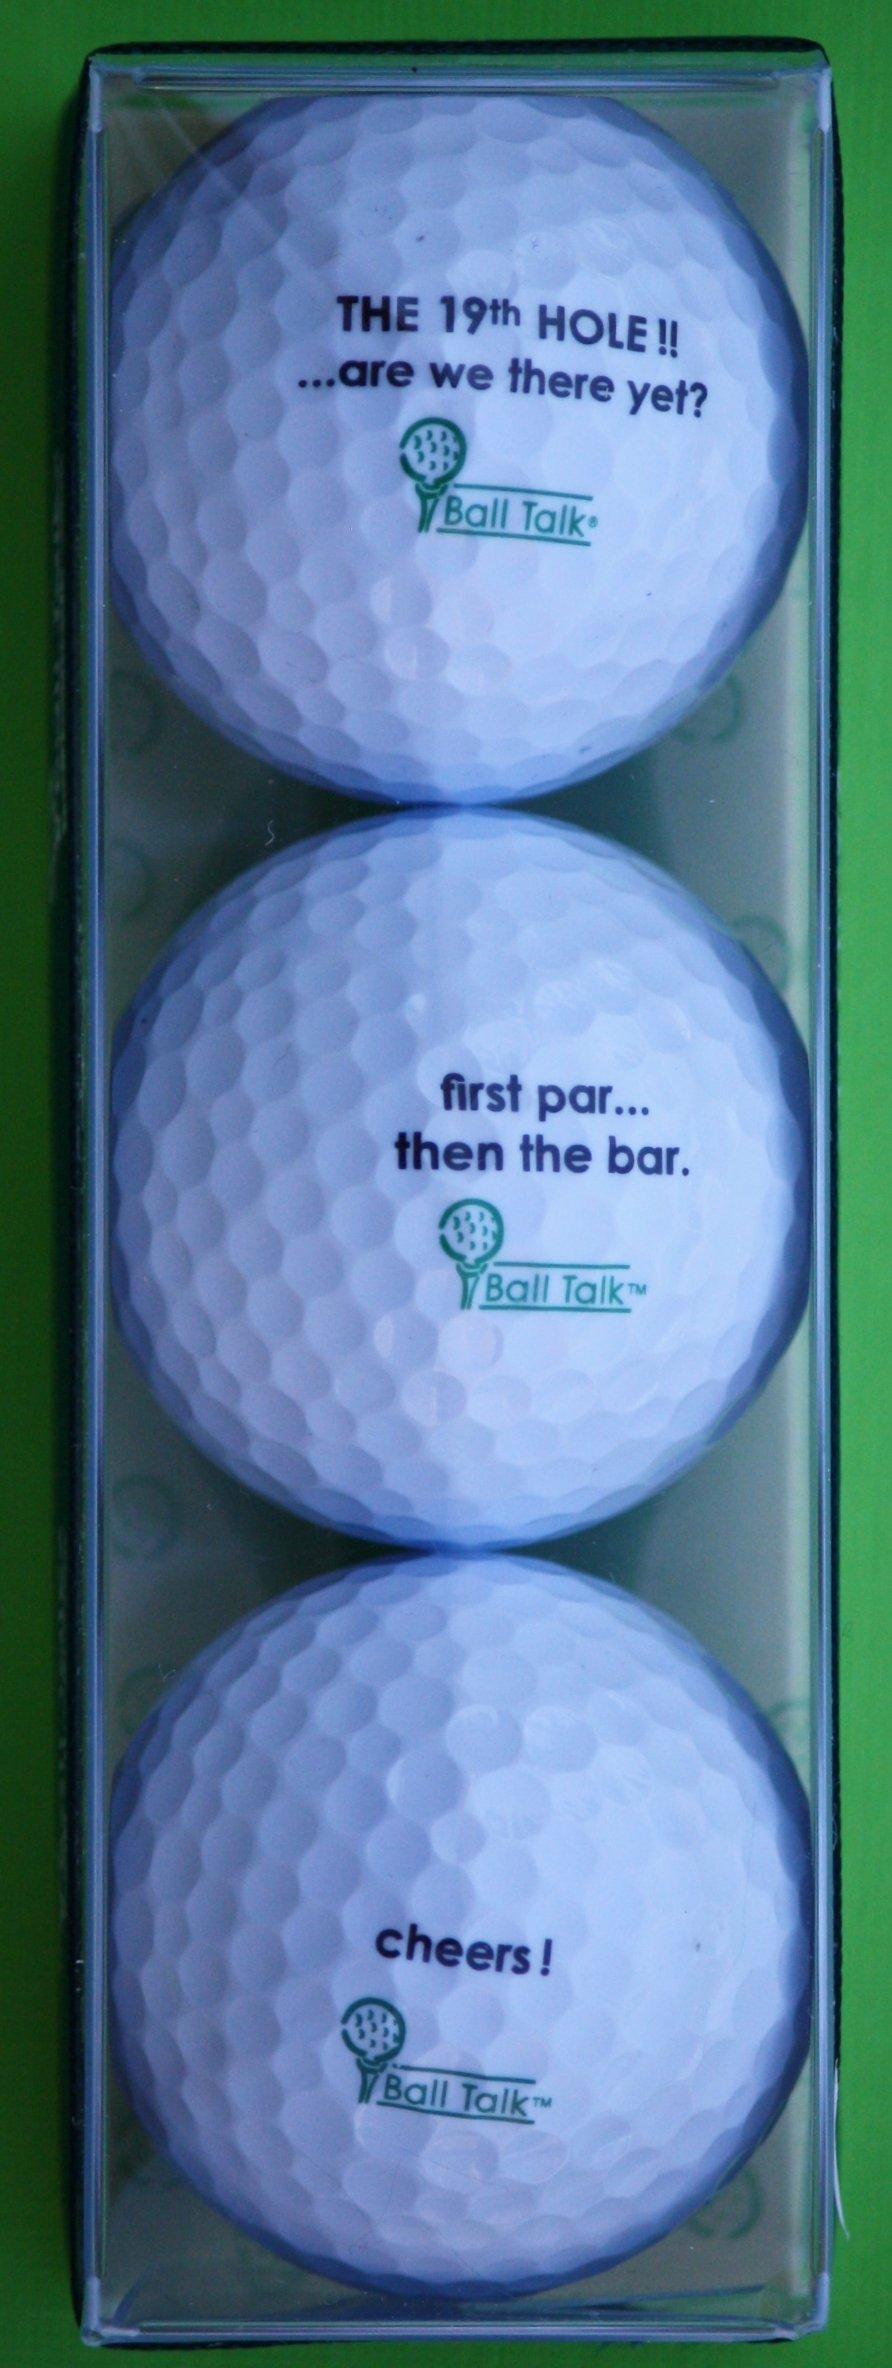 BallTalk Golf Balls - Clubbing Series 3-ball Pack containing 3 Different BallTalk Golf Balls